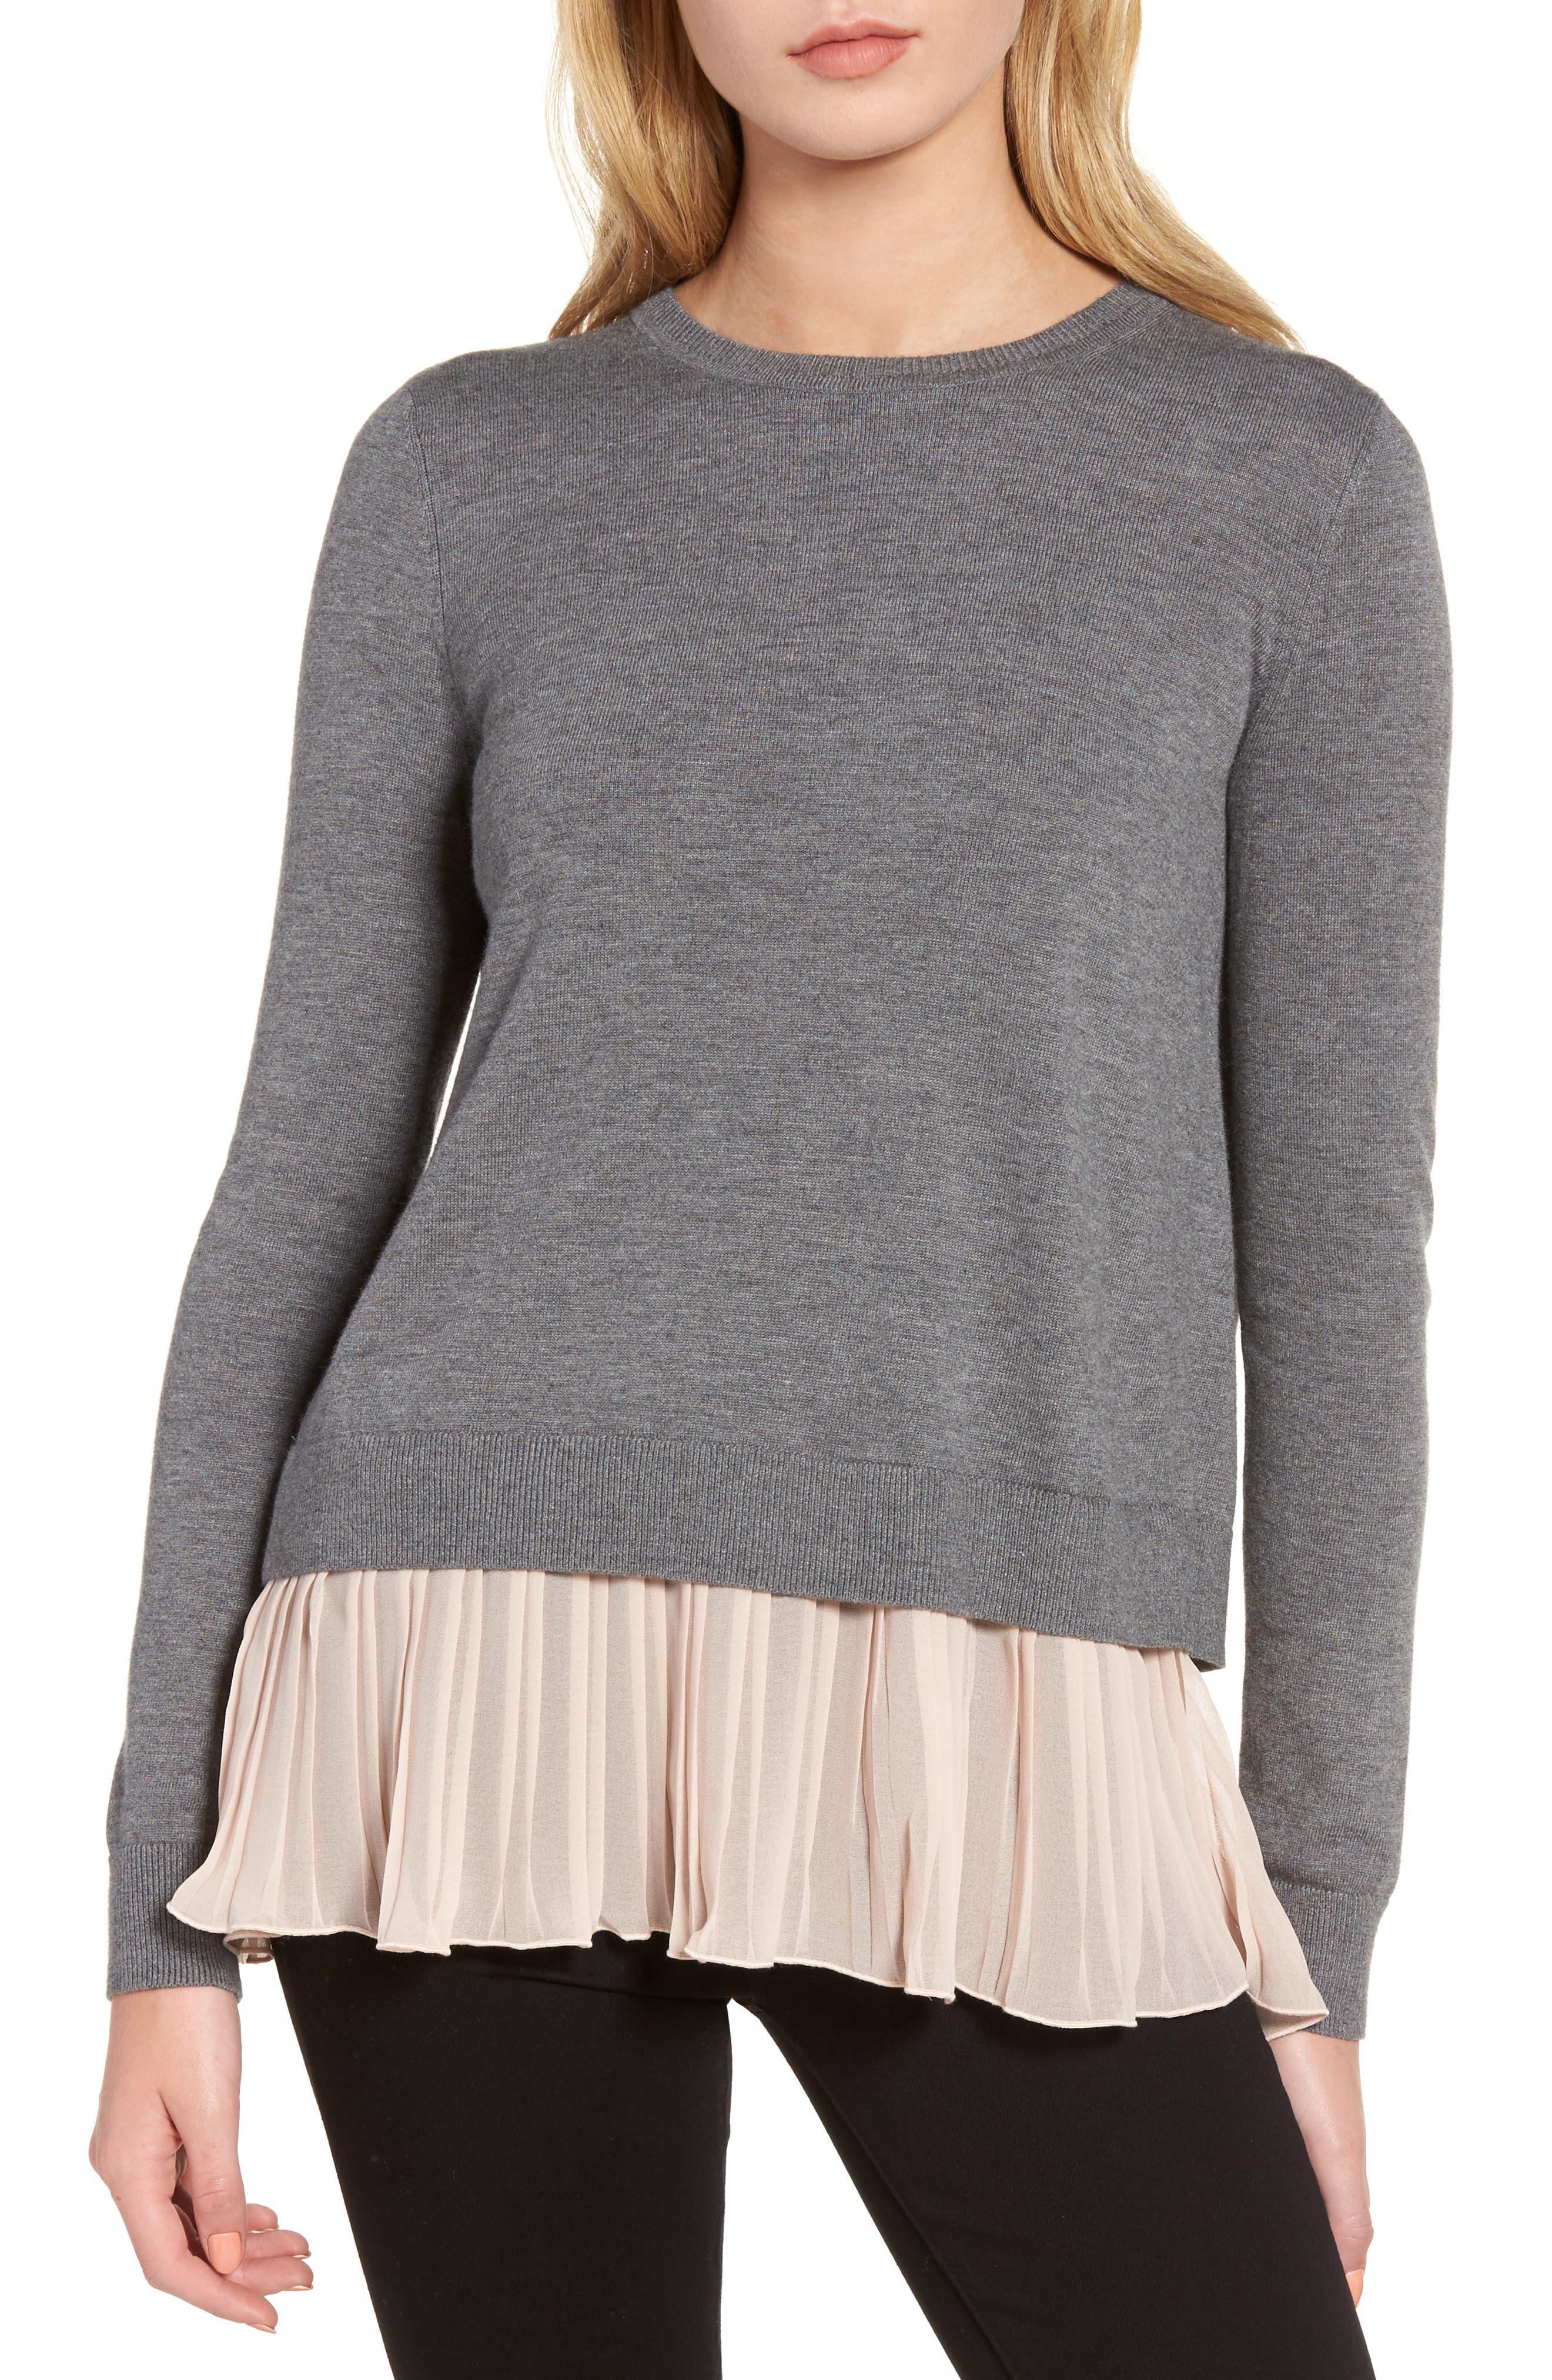 Alternate Image 1 Selected - Chelsea28 Pleated Hem Sweater